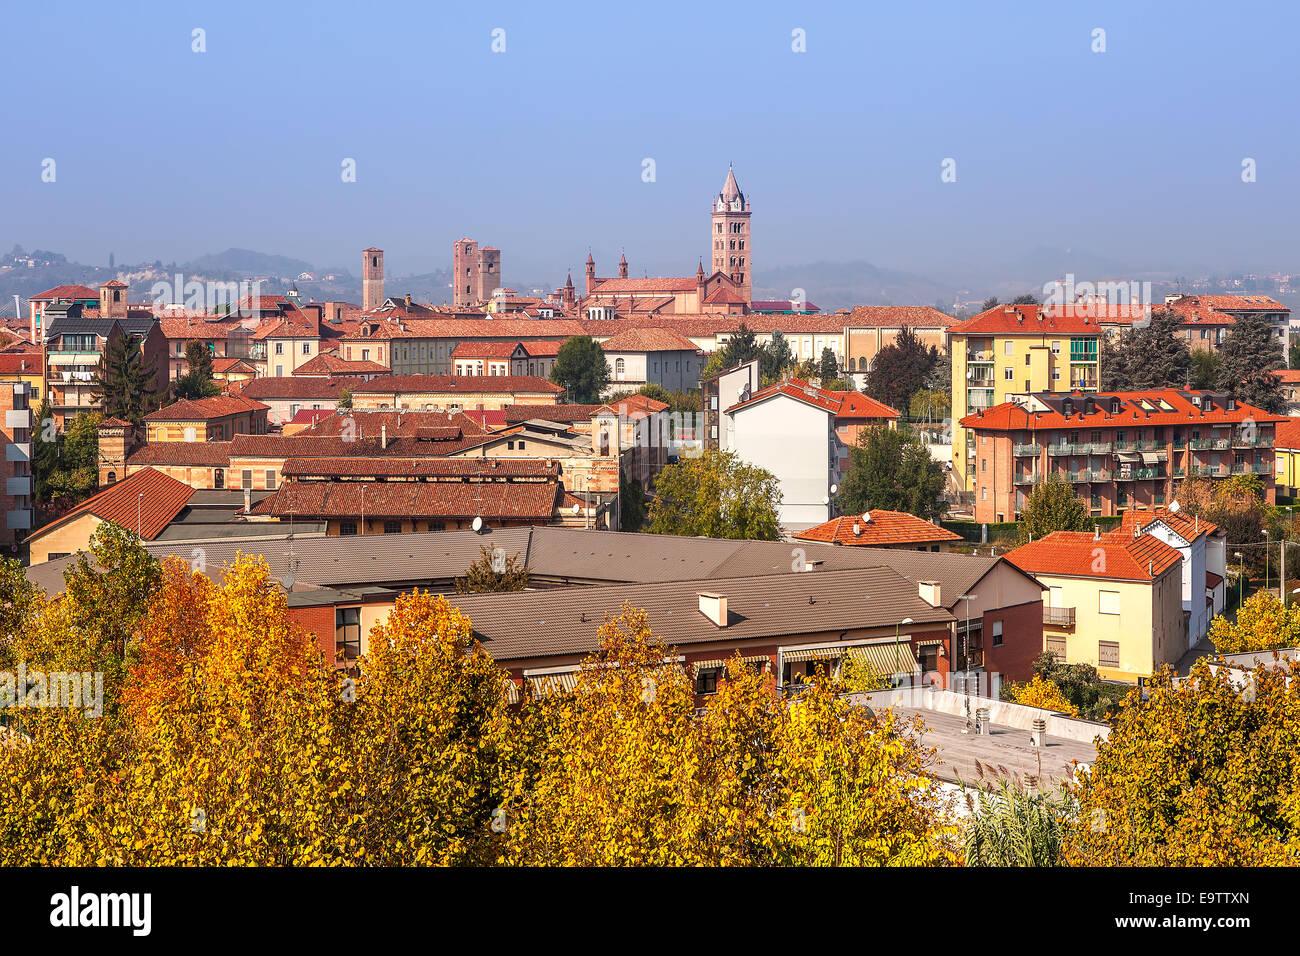 Città di Alba in autunno in Piemonte, Italia settentrionale. Immagini Stock